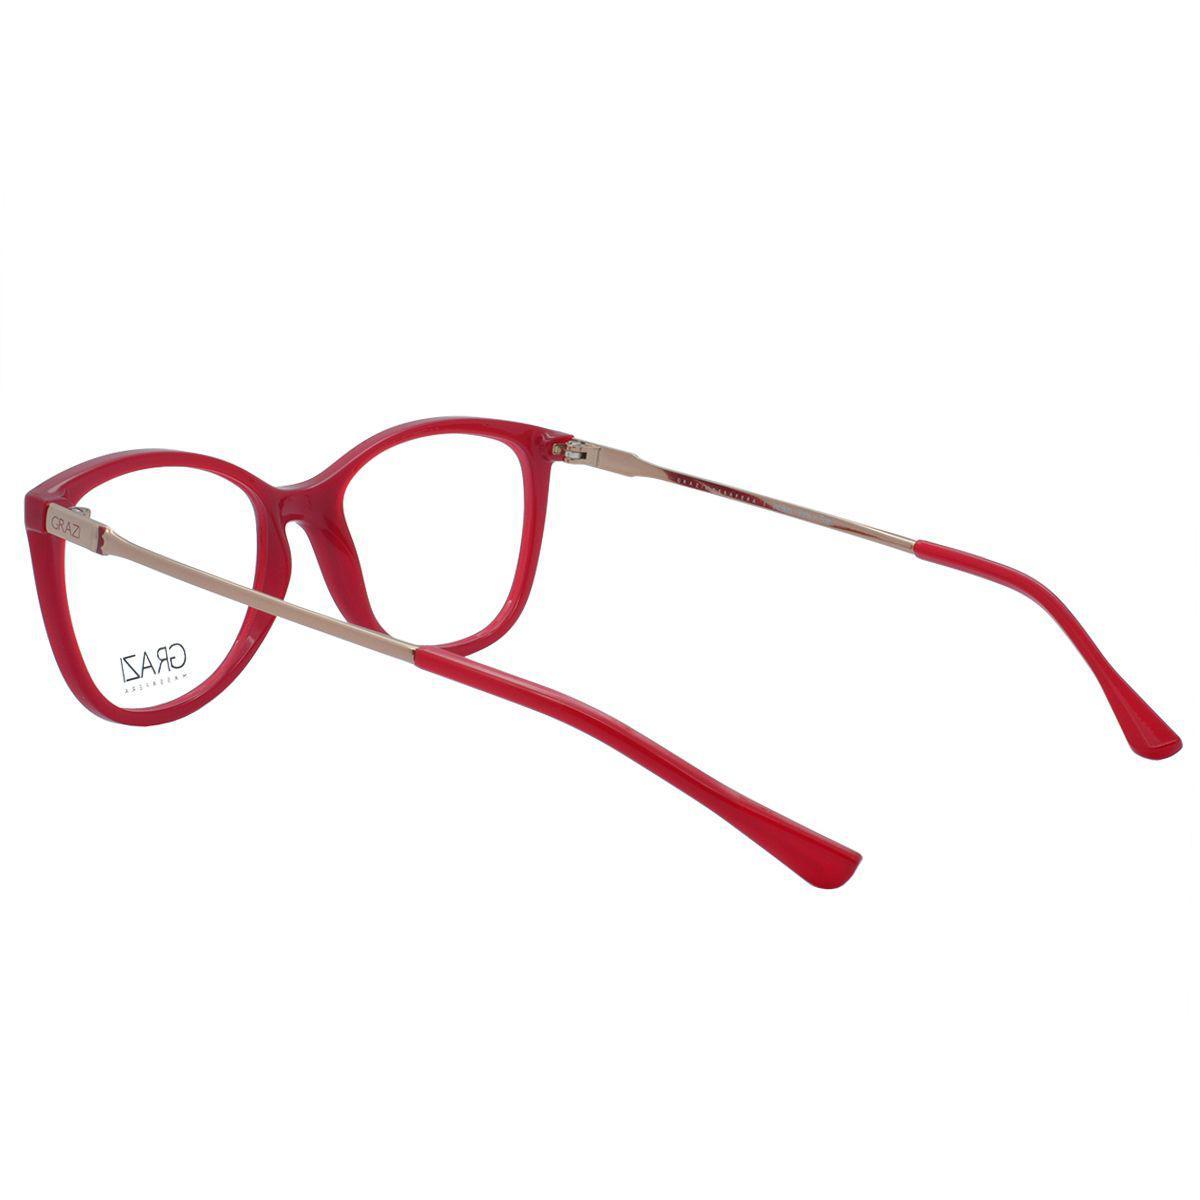 dc4598928dd44 Óculos de Grau Grazi Feminino GZ3033 E808 - Acetato Vermelho e Metal Bronze  - Grazi massafera R  250